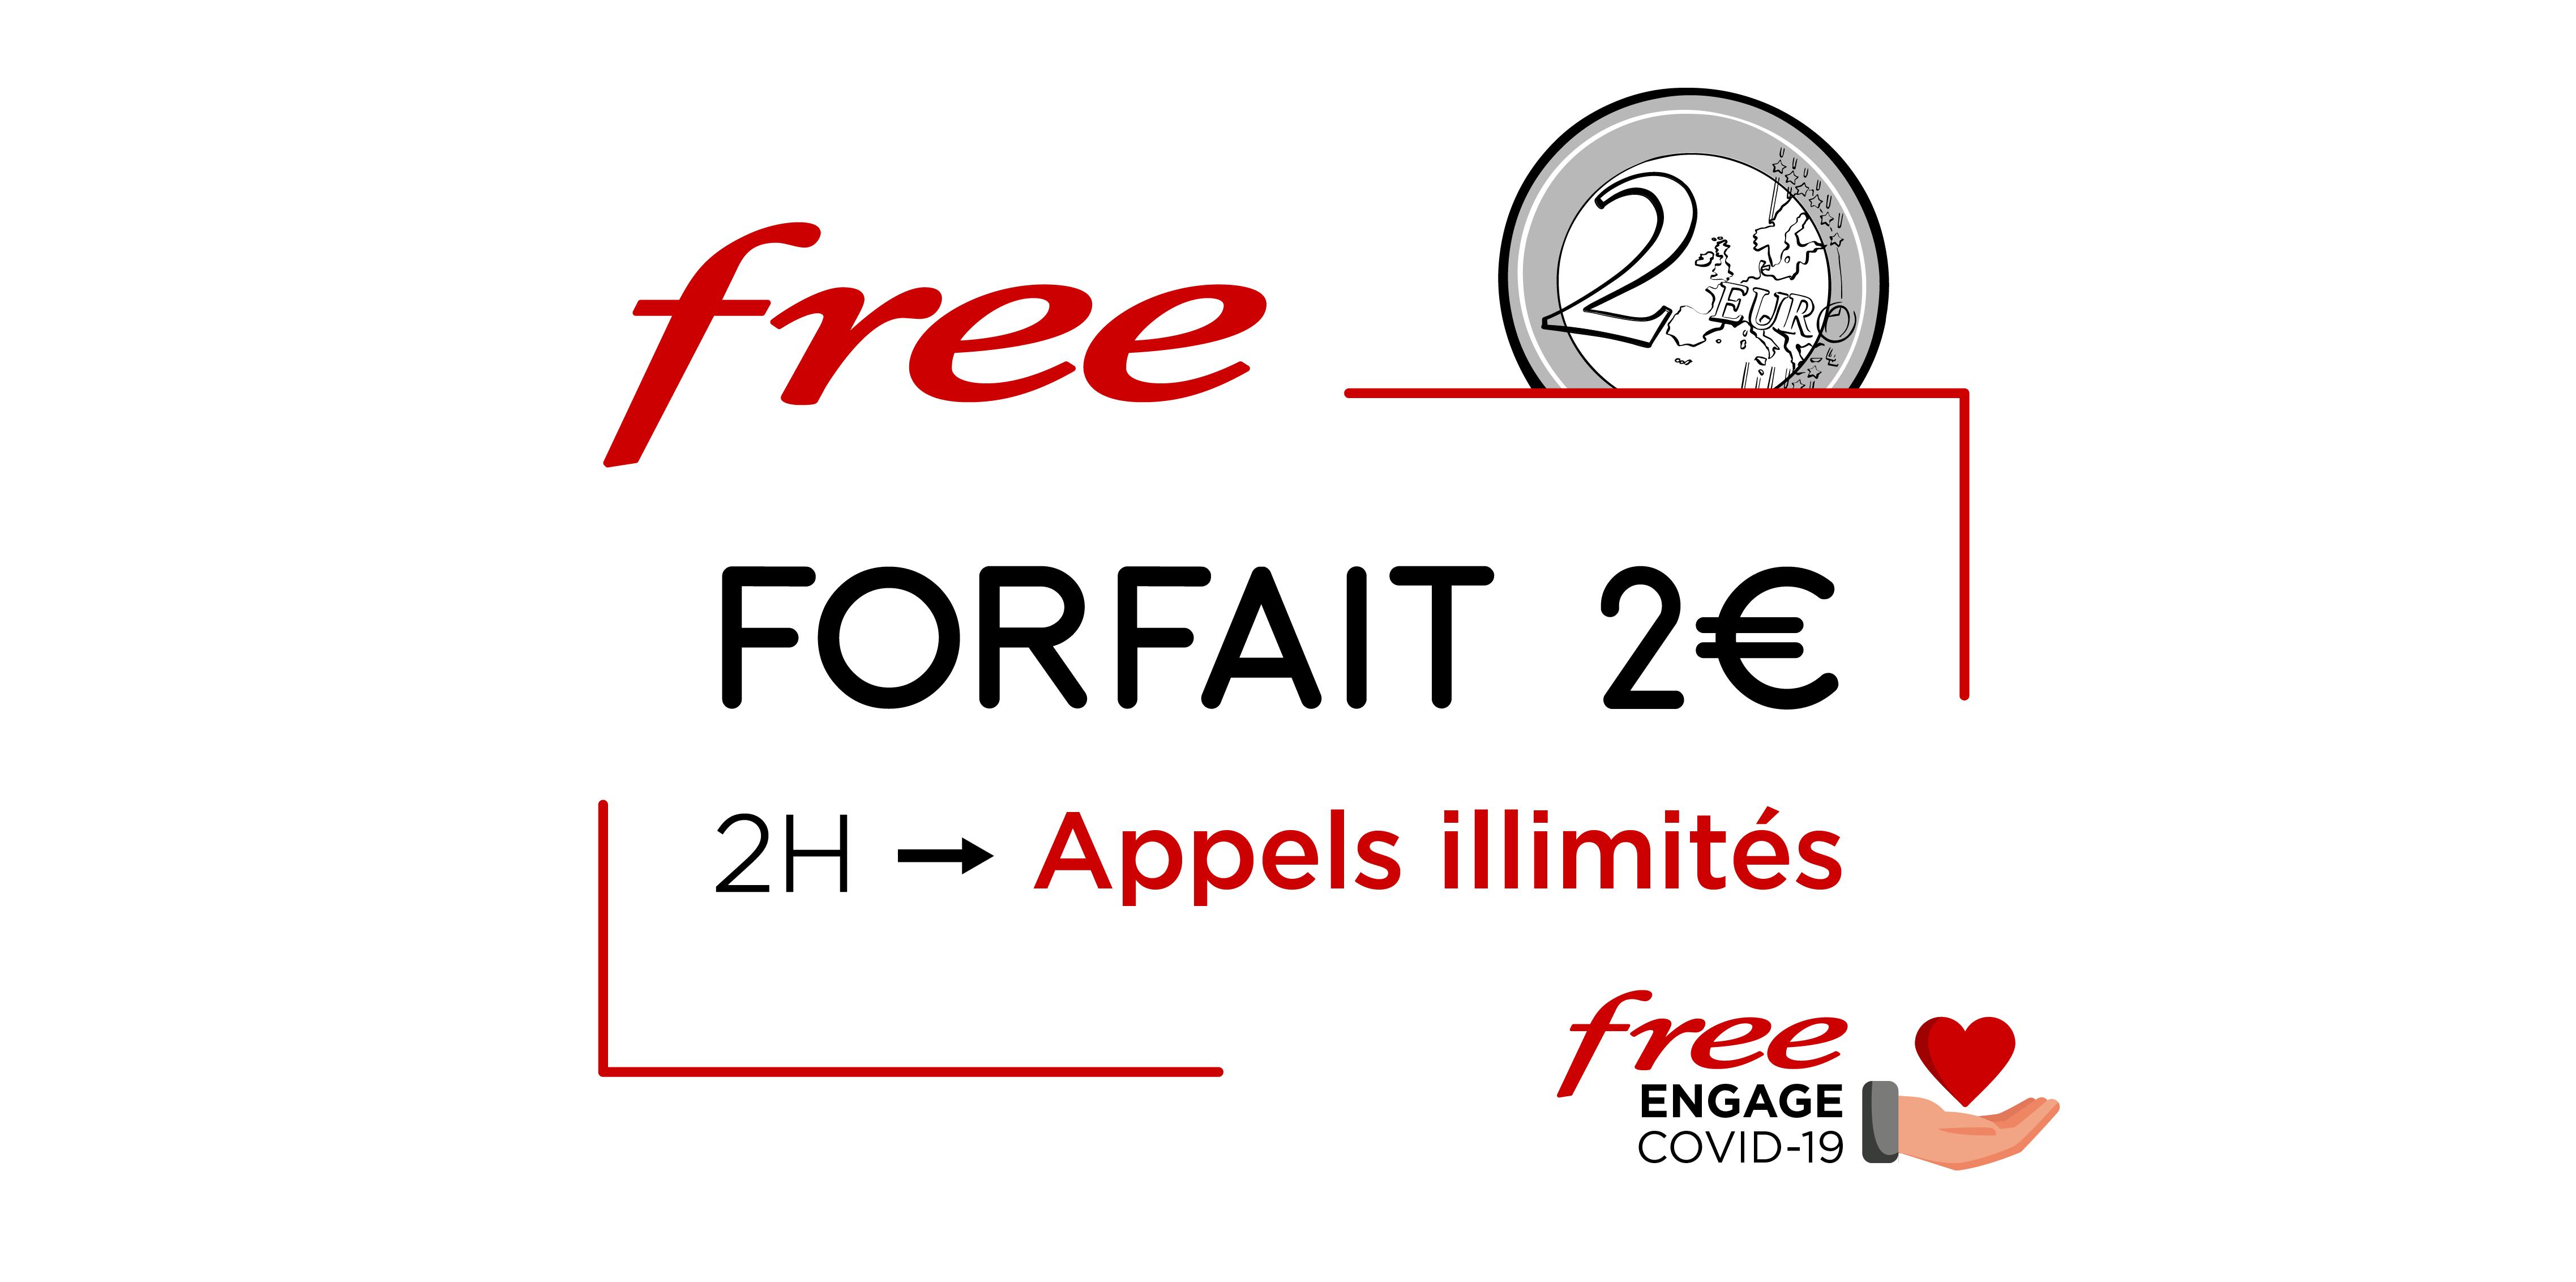 Forfait mobile 2€/0€ : Free inclut les appels illimités jusqu'au 11 juin